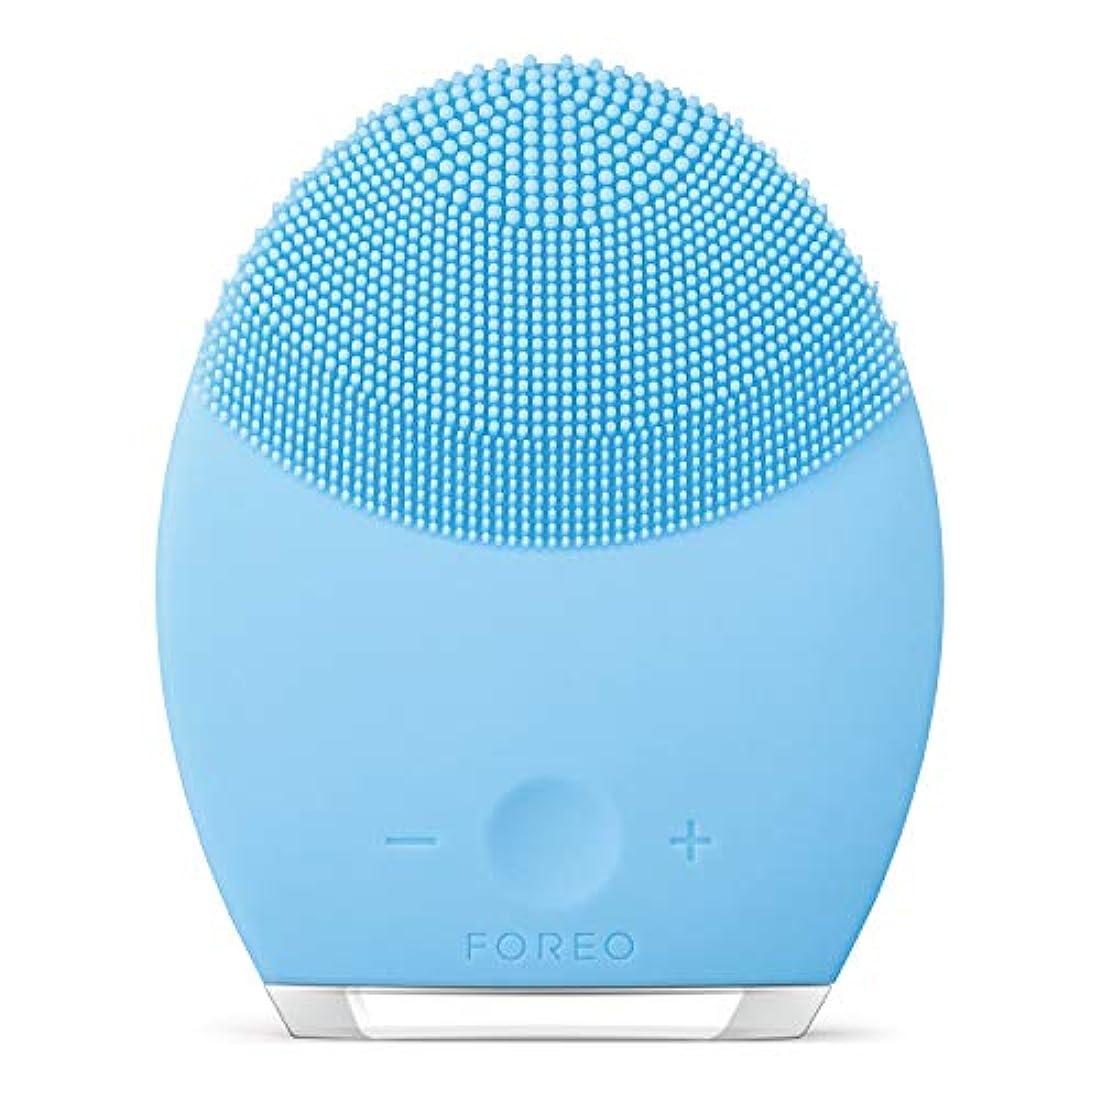 信頼できるブランク宿命FOREO LUNA 2 for コンビネーションスキン 電動洗顔ブラシ シリコーン製 音波振動 エイジングケア